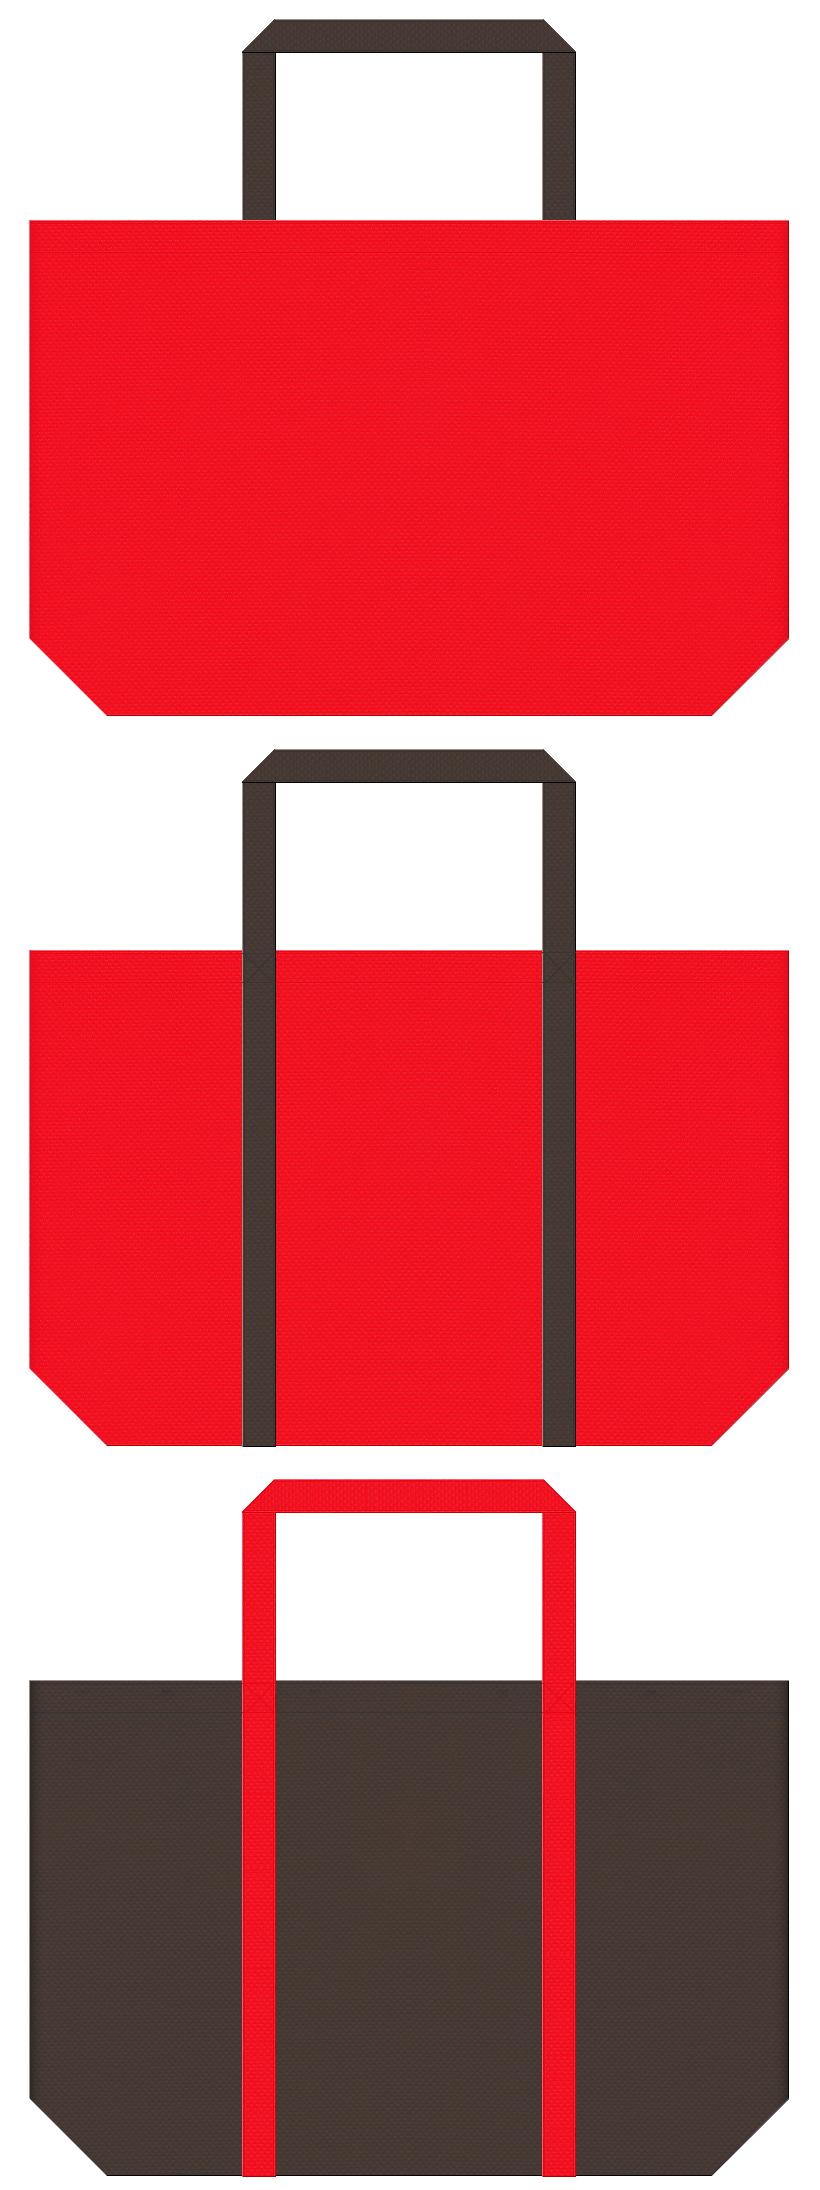 暖炉・ストーブ・暖房器具・トナカイ・クリスマスセールにお奨めの不織布バッグデザイン:赤色とこげ茶色のコーデ